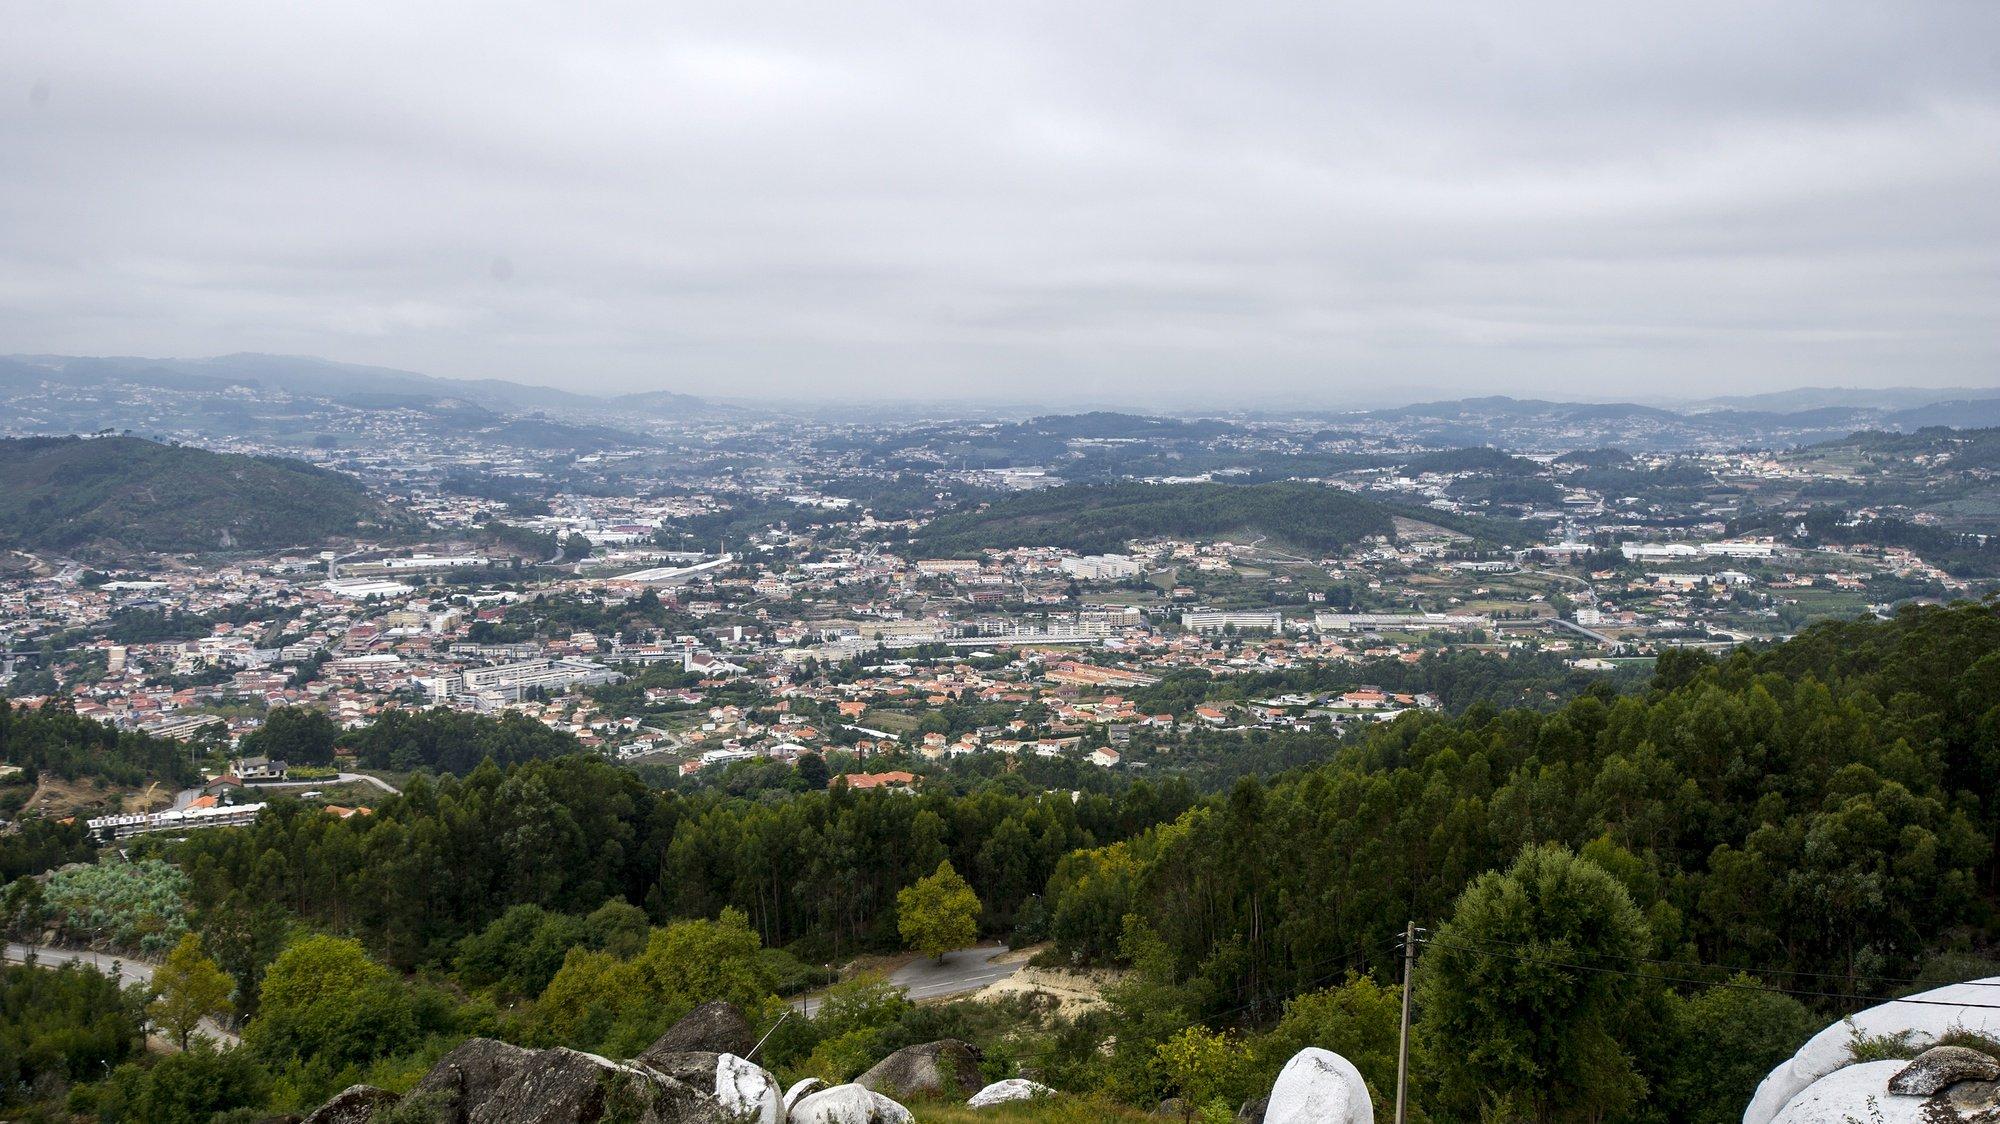 Vista geral de Vizela desde o Miradouro São Bento das Peras, em Vizela, 14 de setembro de 2017. OCTÁVIO PASSOS/LUSA